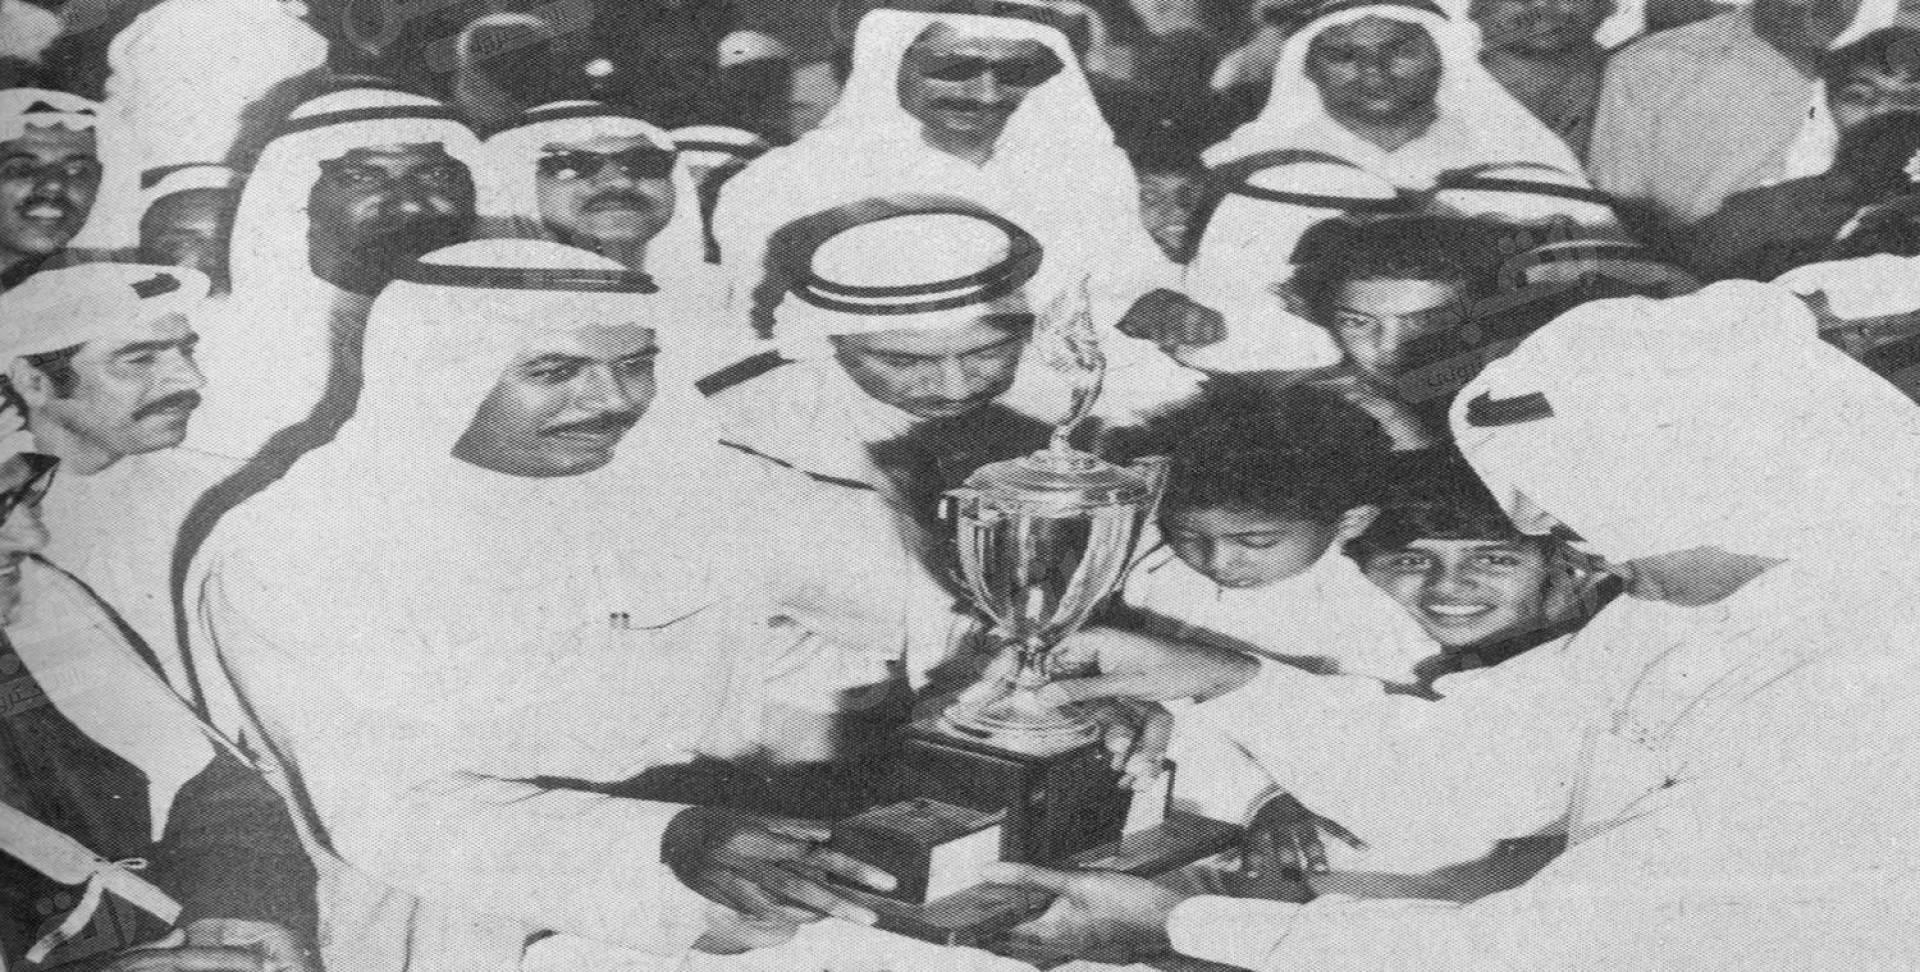 الشيخ فهد الأحمد يتسلم كأس سمو الأمير للفروسية